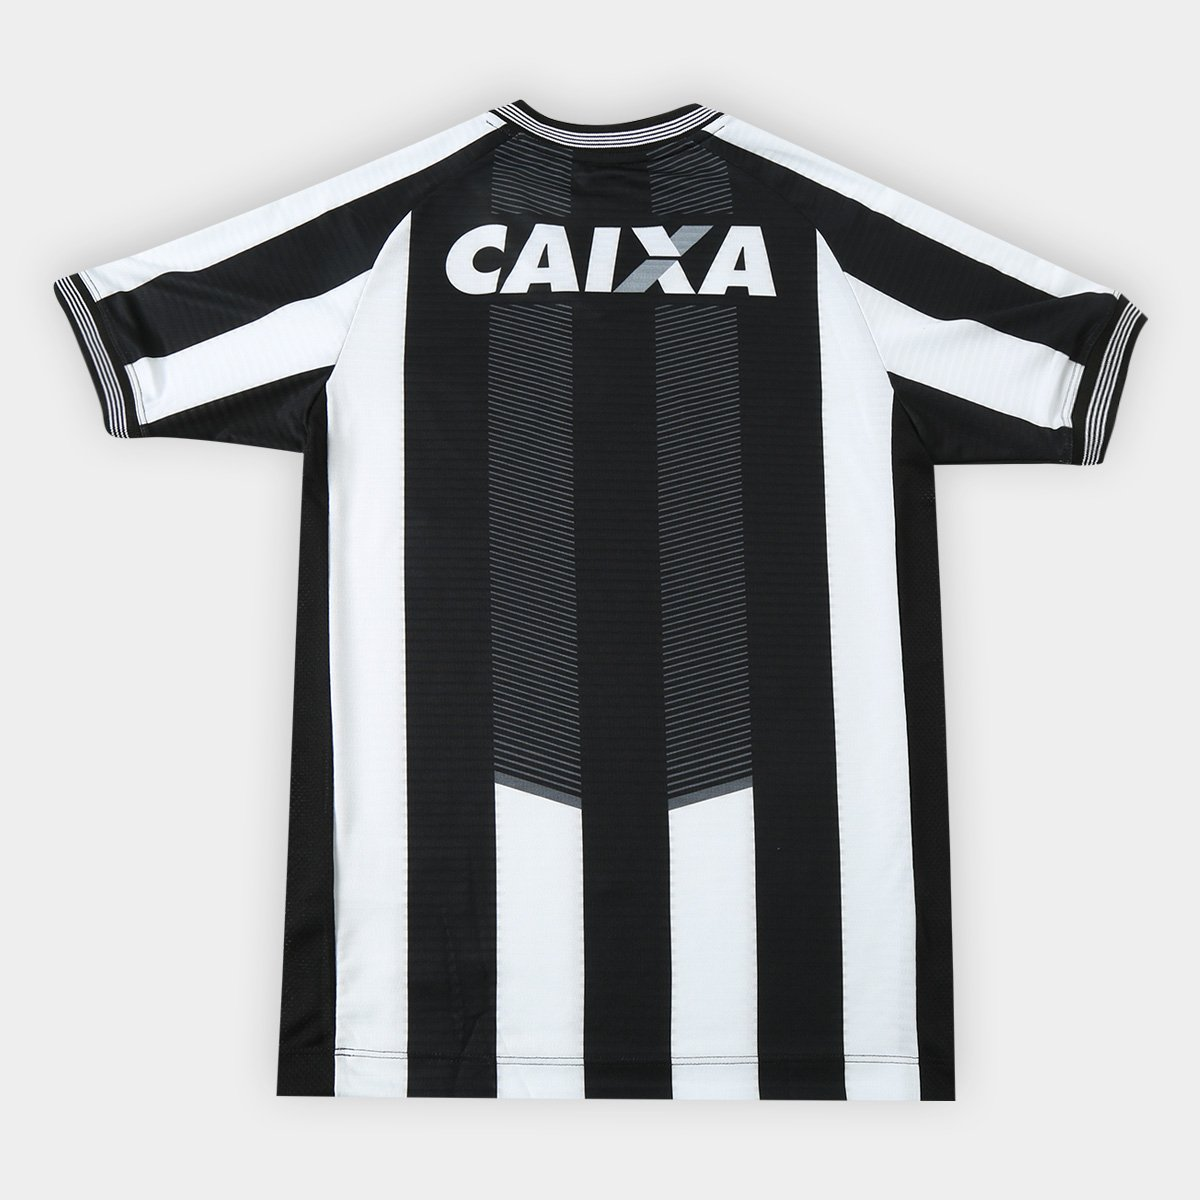 341168a15b Camisa Botafogo I 2018 s n° Torcedor Topper Infantil - Preto e ...